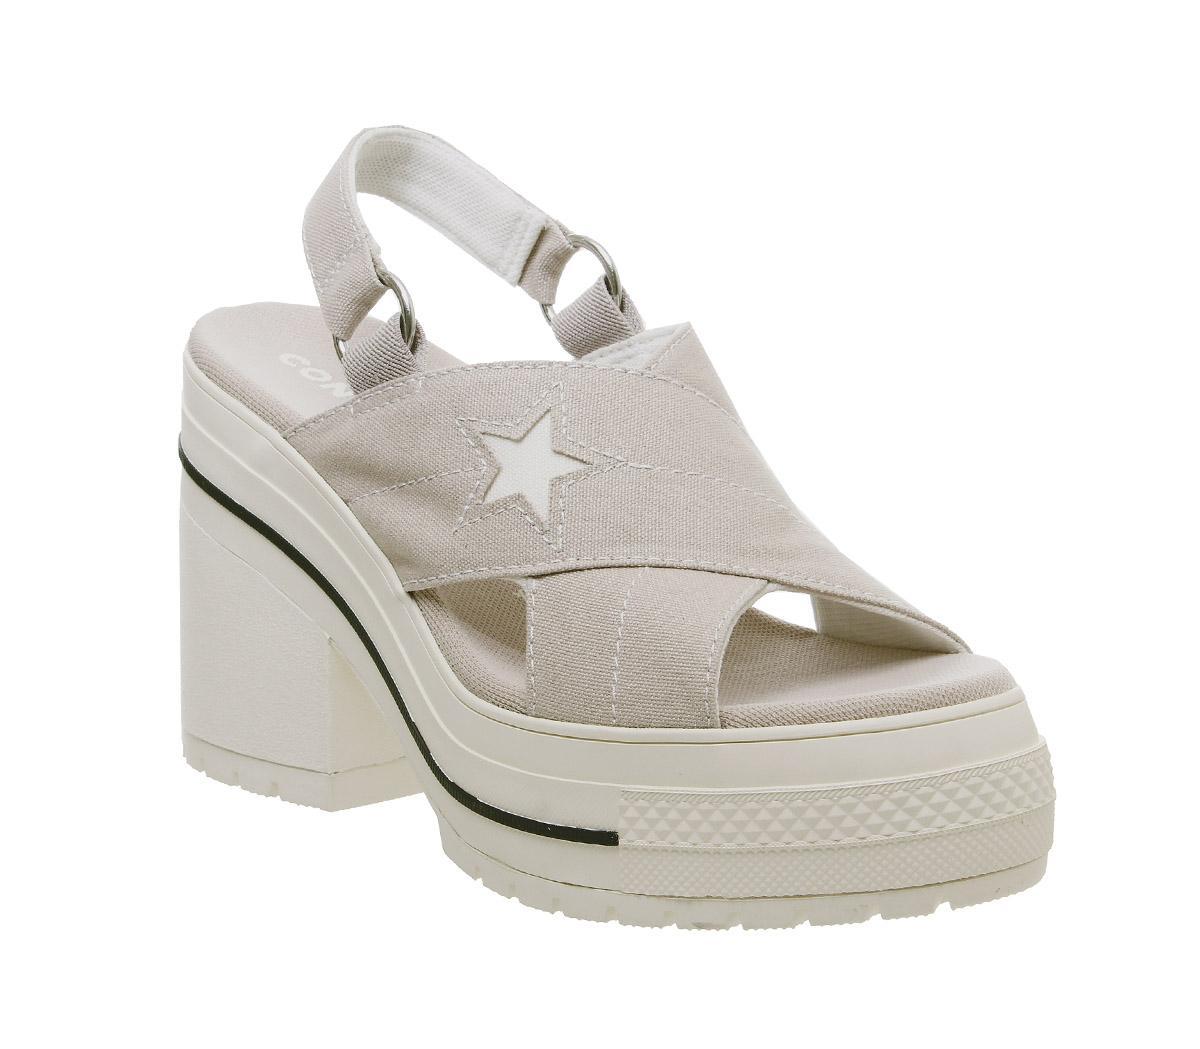 Damen Sandalen Converse ONE STAR High heeled sandal